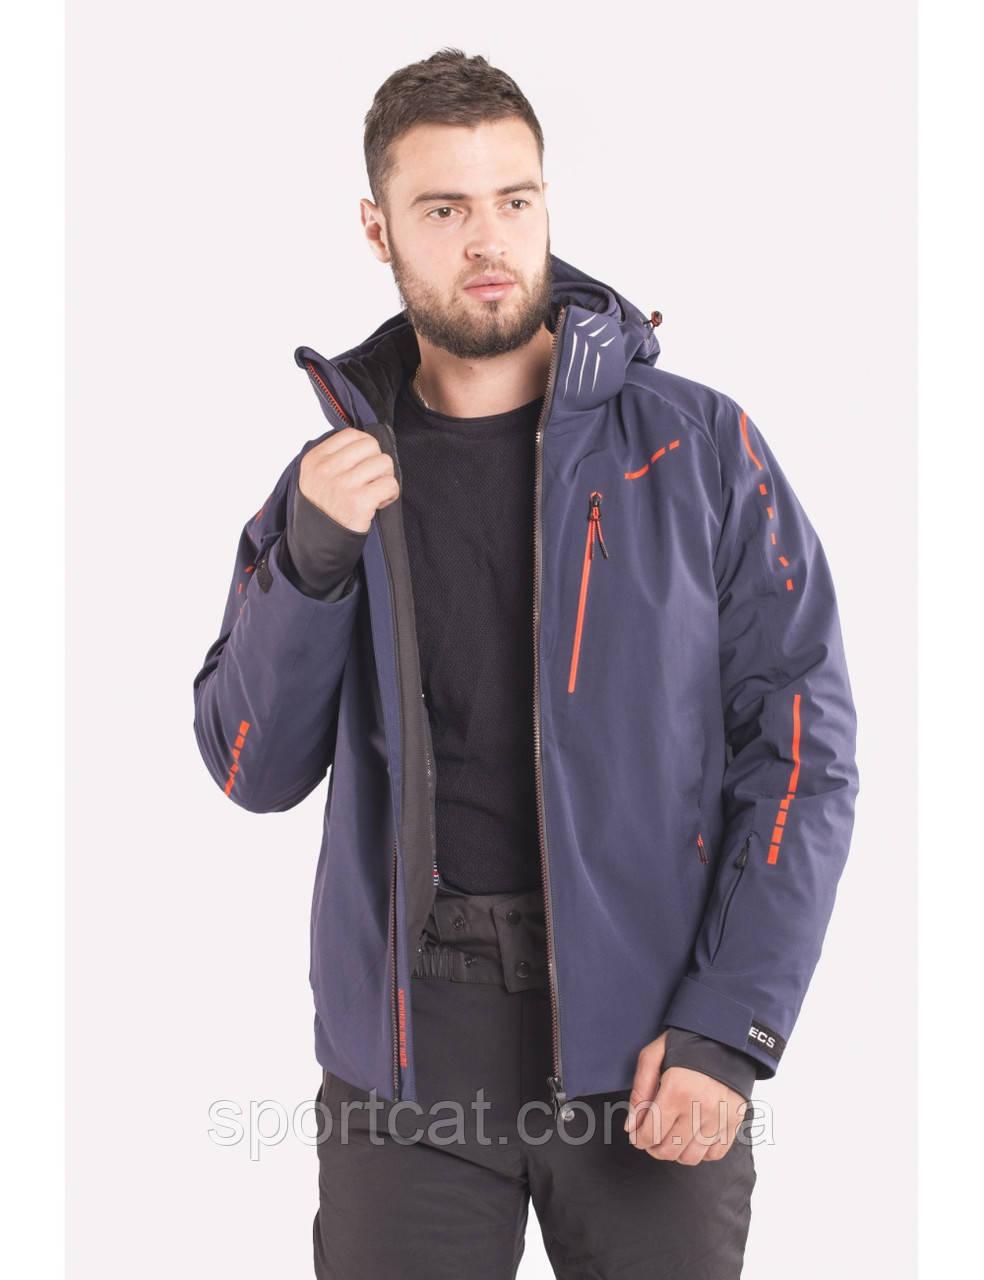 Мужская горнолыжная куртка Avecs, синий Р. 56